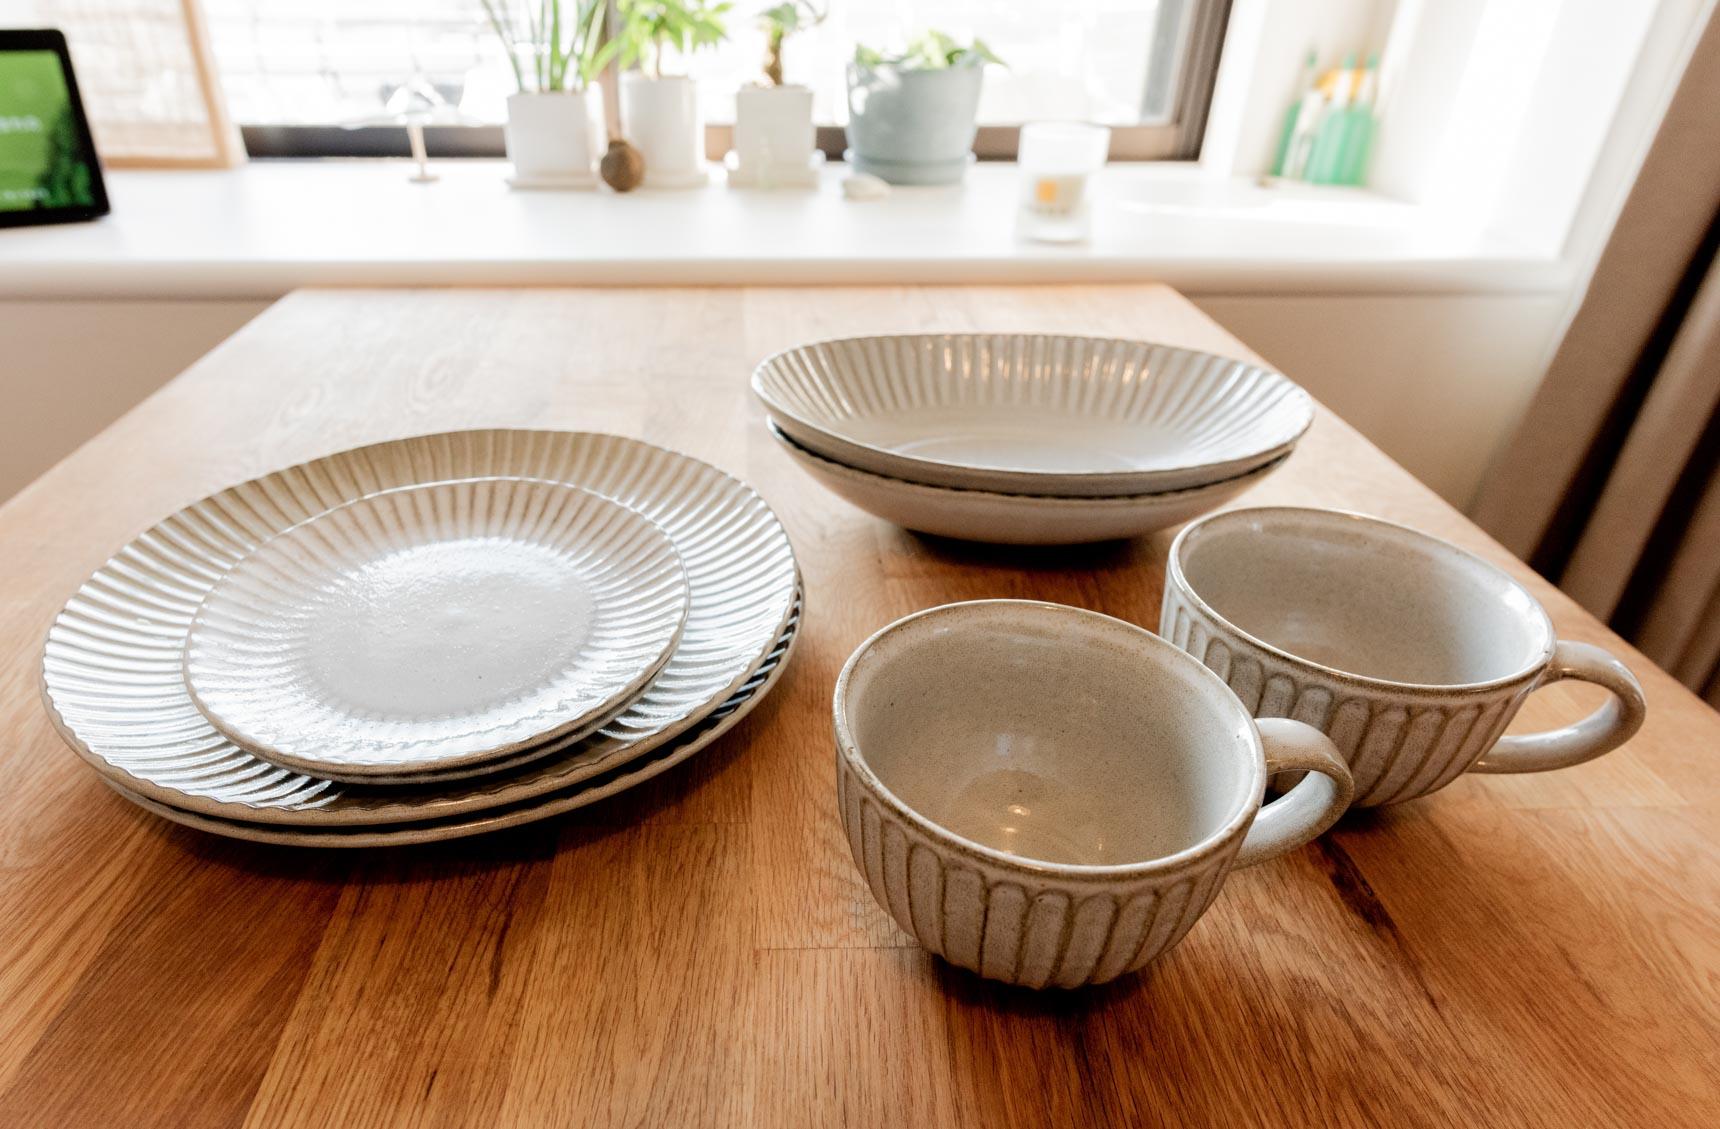 ニトリの『唐茶削ぎ』シリーズは、洋食にも和食にも合わせやすい、シンプルながら味わい深い器。スープマグは277円、だ円皿は555円という価格で、種類やサイズも様々なバリエーションがあるので、たくさん揃えて普段づかいにするのにとても向いています。